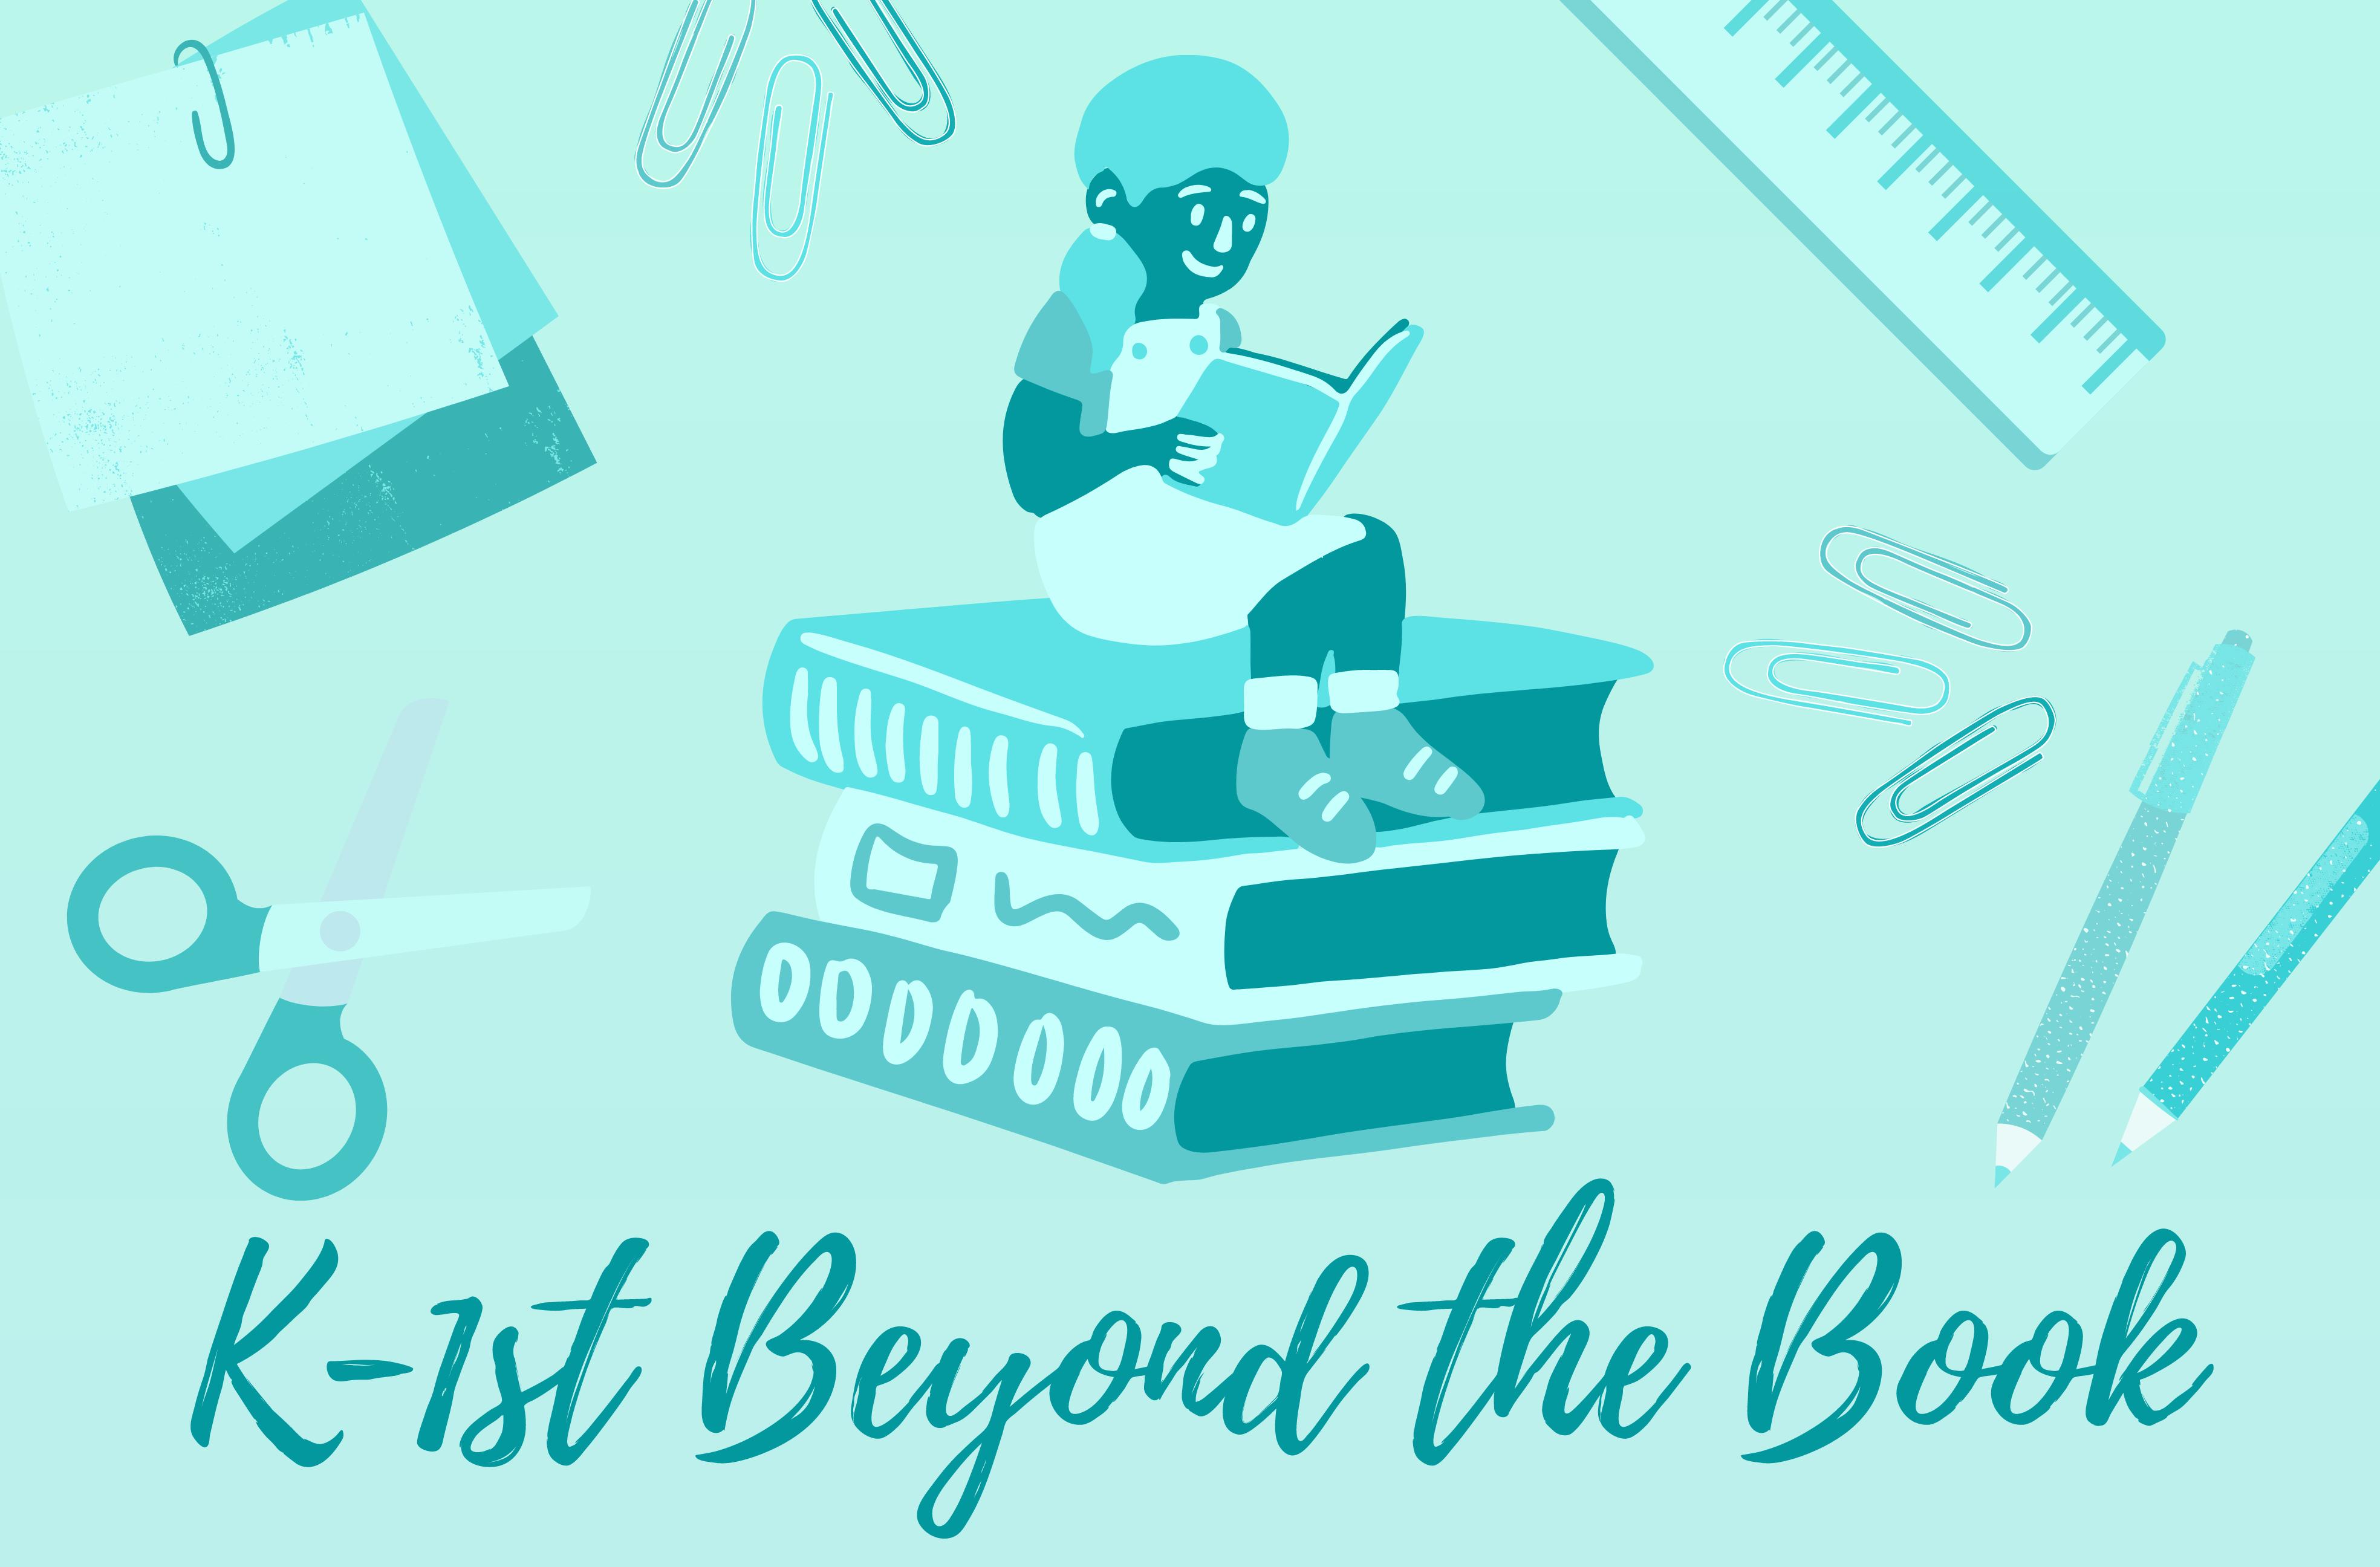 Kindergarten-1st Grade Beyond the Book